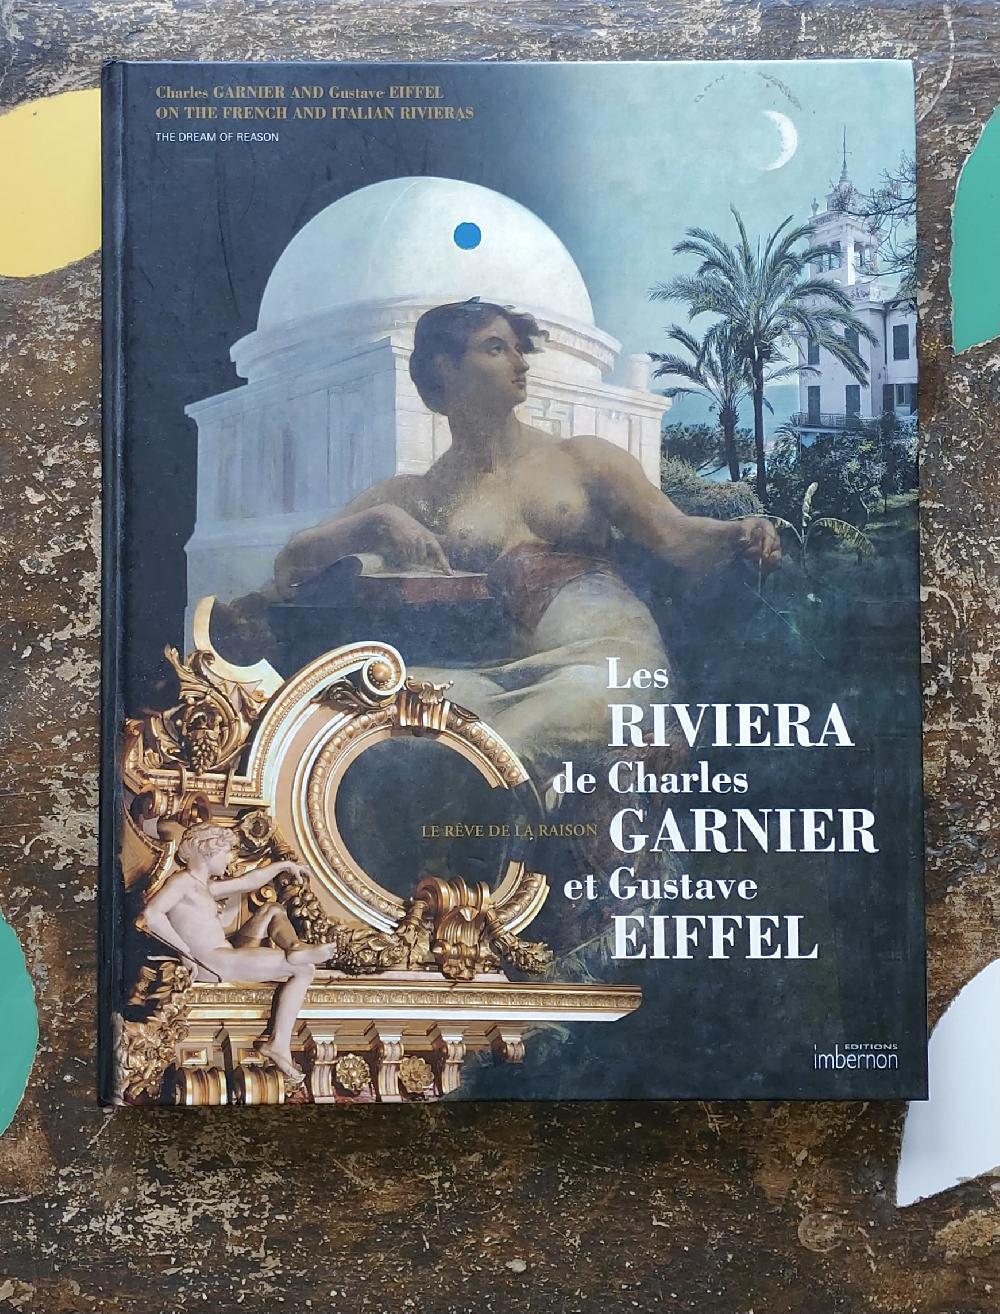 Les Riviera de Charles Garnier et Gustave Eiffel. Le rêve de la raison